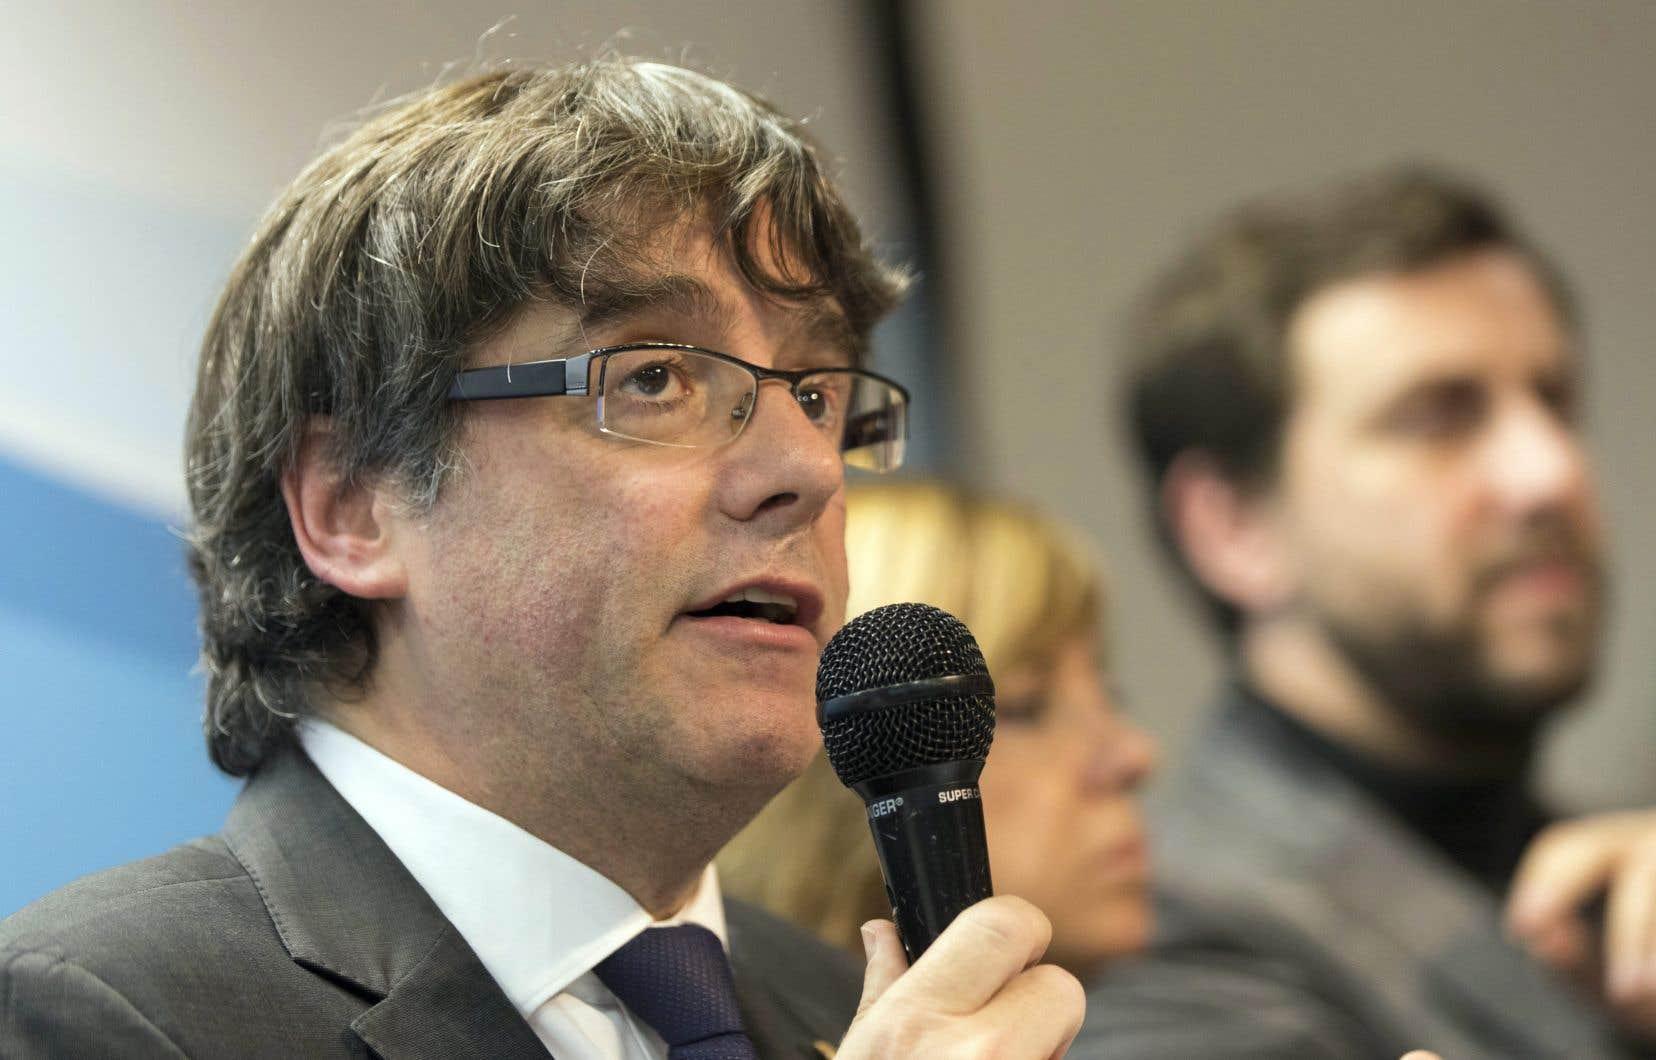 Le président destitué de la Catalogne, Carles Puigdemont, s'est adressé aux journalistes dans une conférence de presse à Bruxelles, mardi dernier